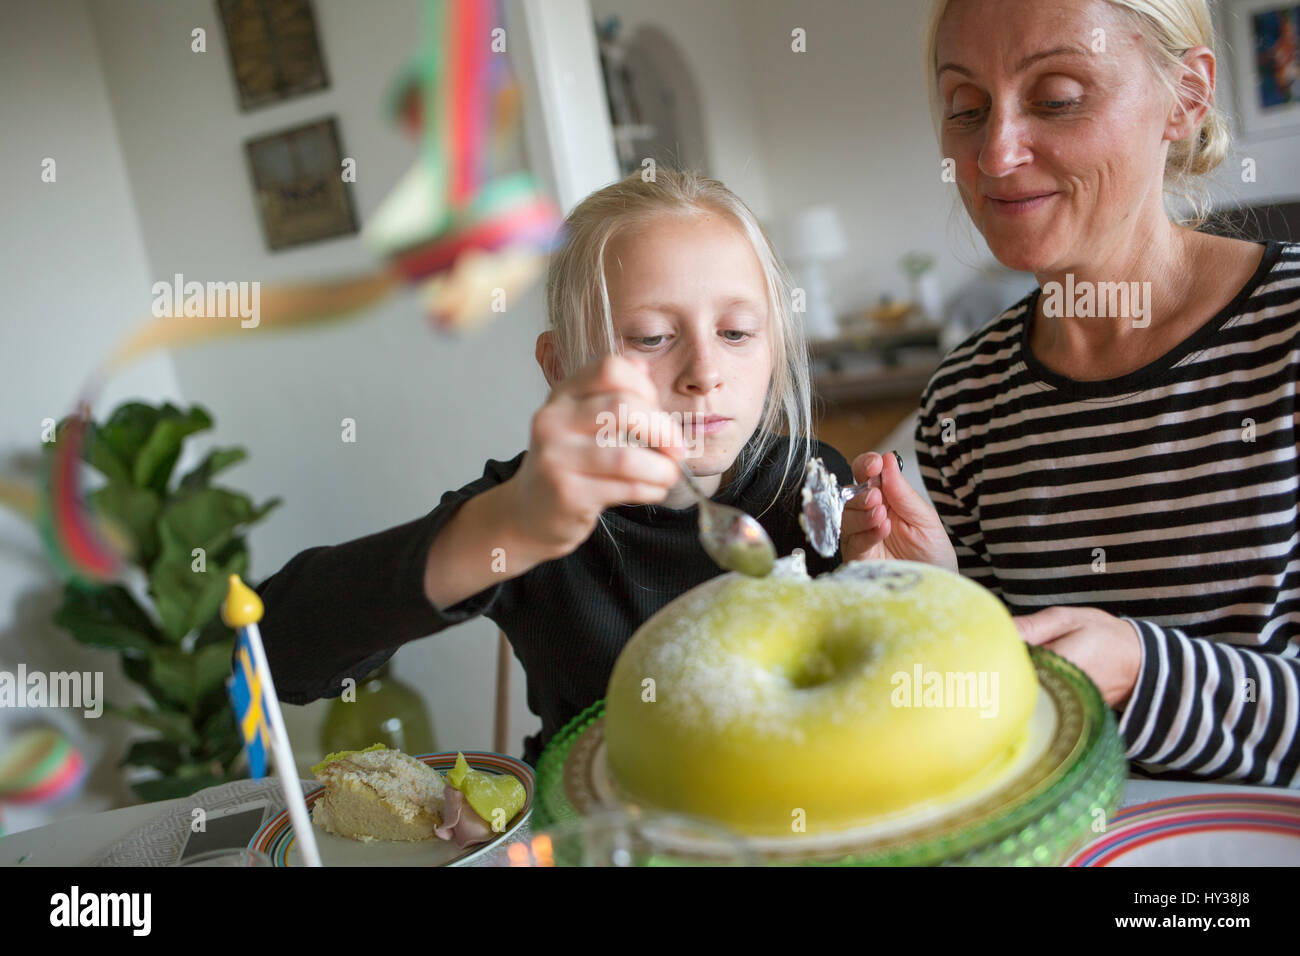 Schweden, Mädchen (12-13) und reife Frau schneiden Geburtstagstorte Stockbild